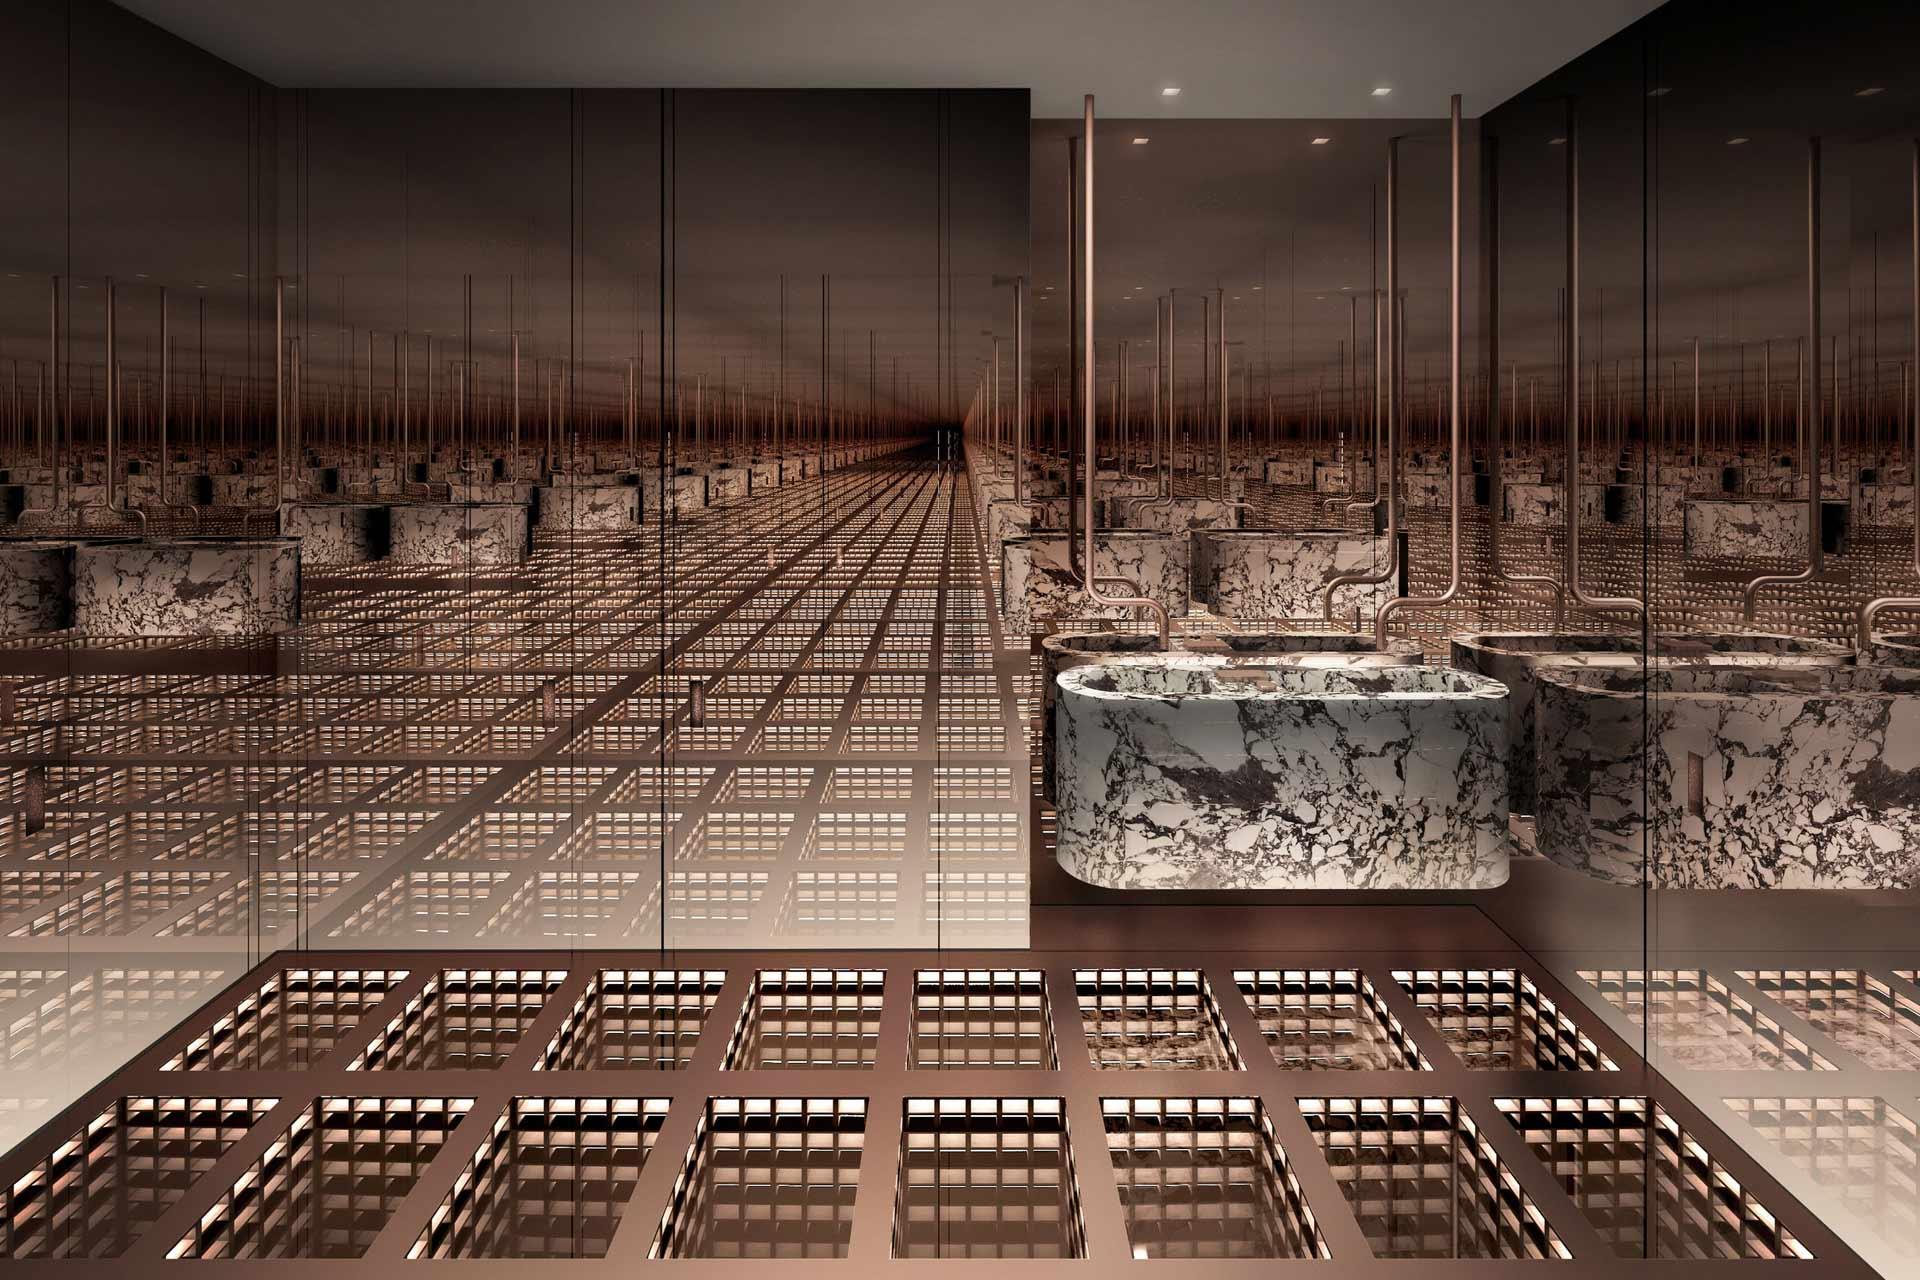 The Secret Room by Paolo Ferrari at Five Palm Jumeirah, Dubai